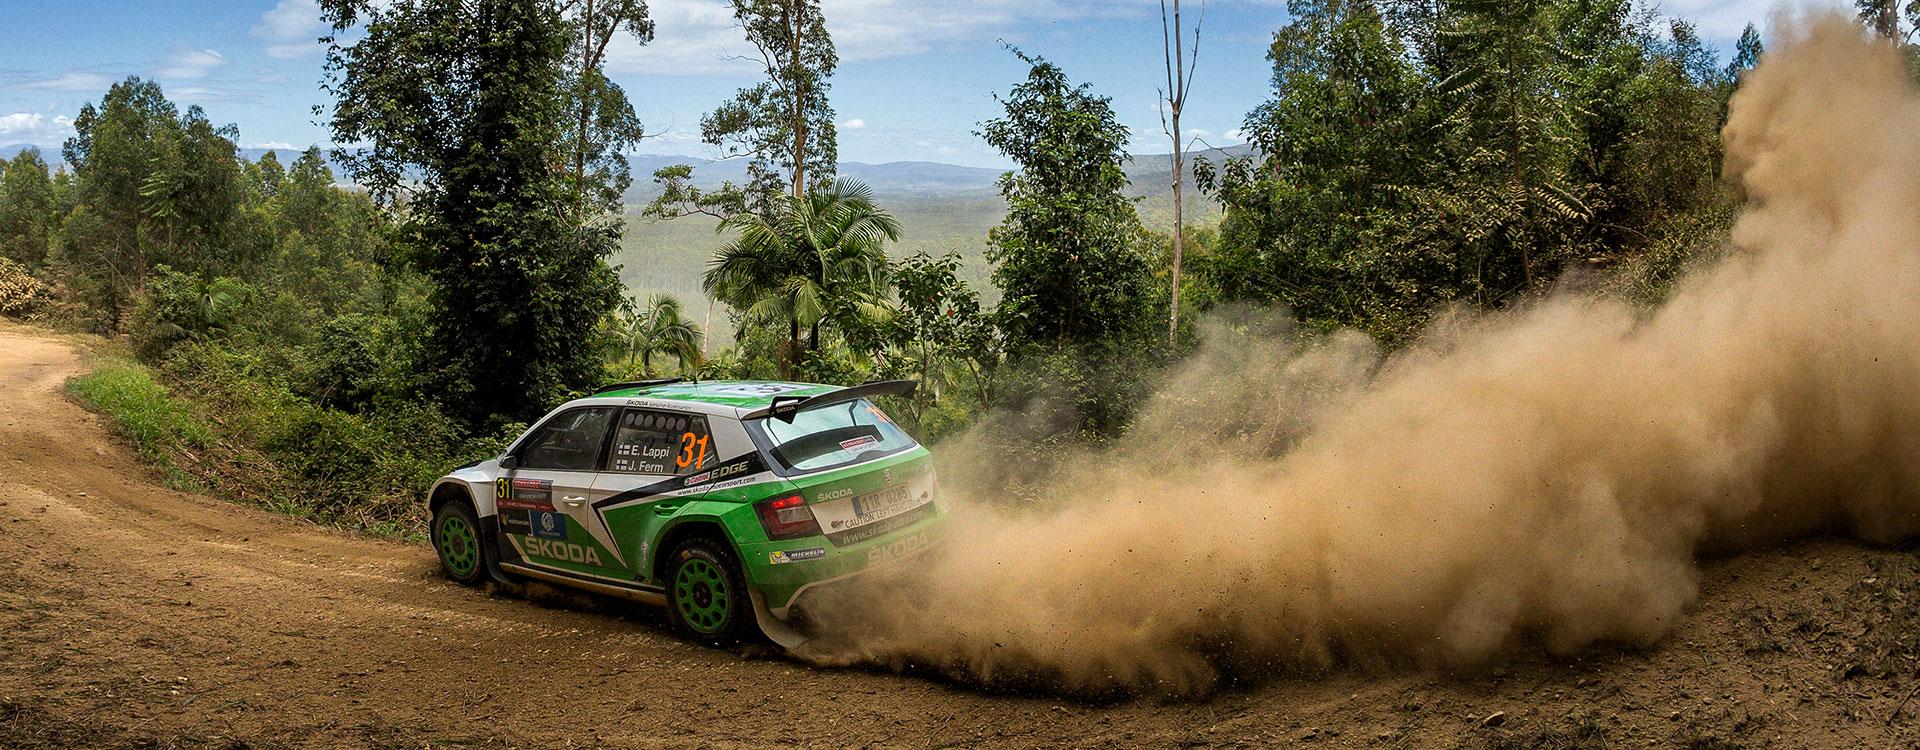 FOTO: Vozy ŠKODA na Australské rally 2016